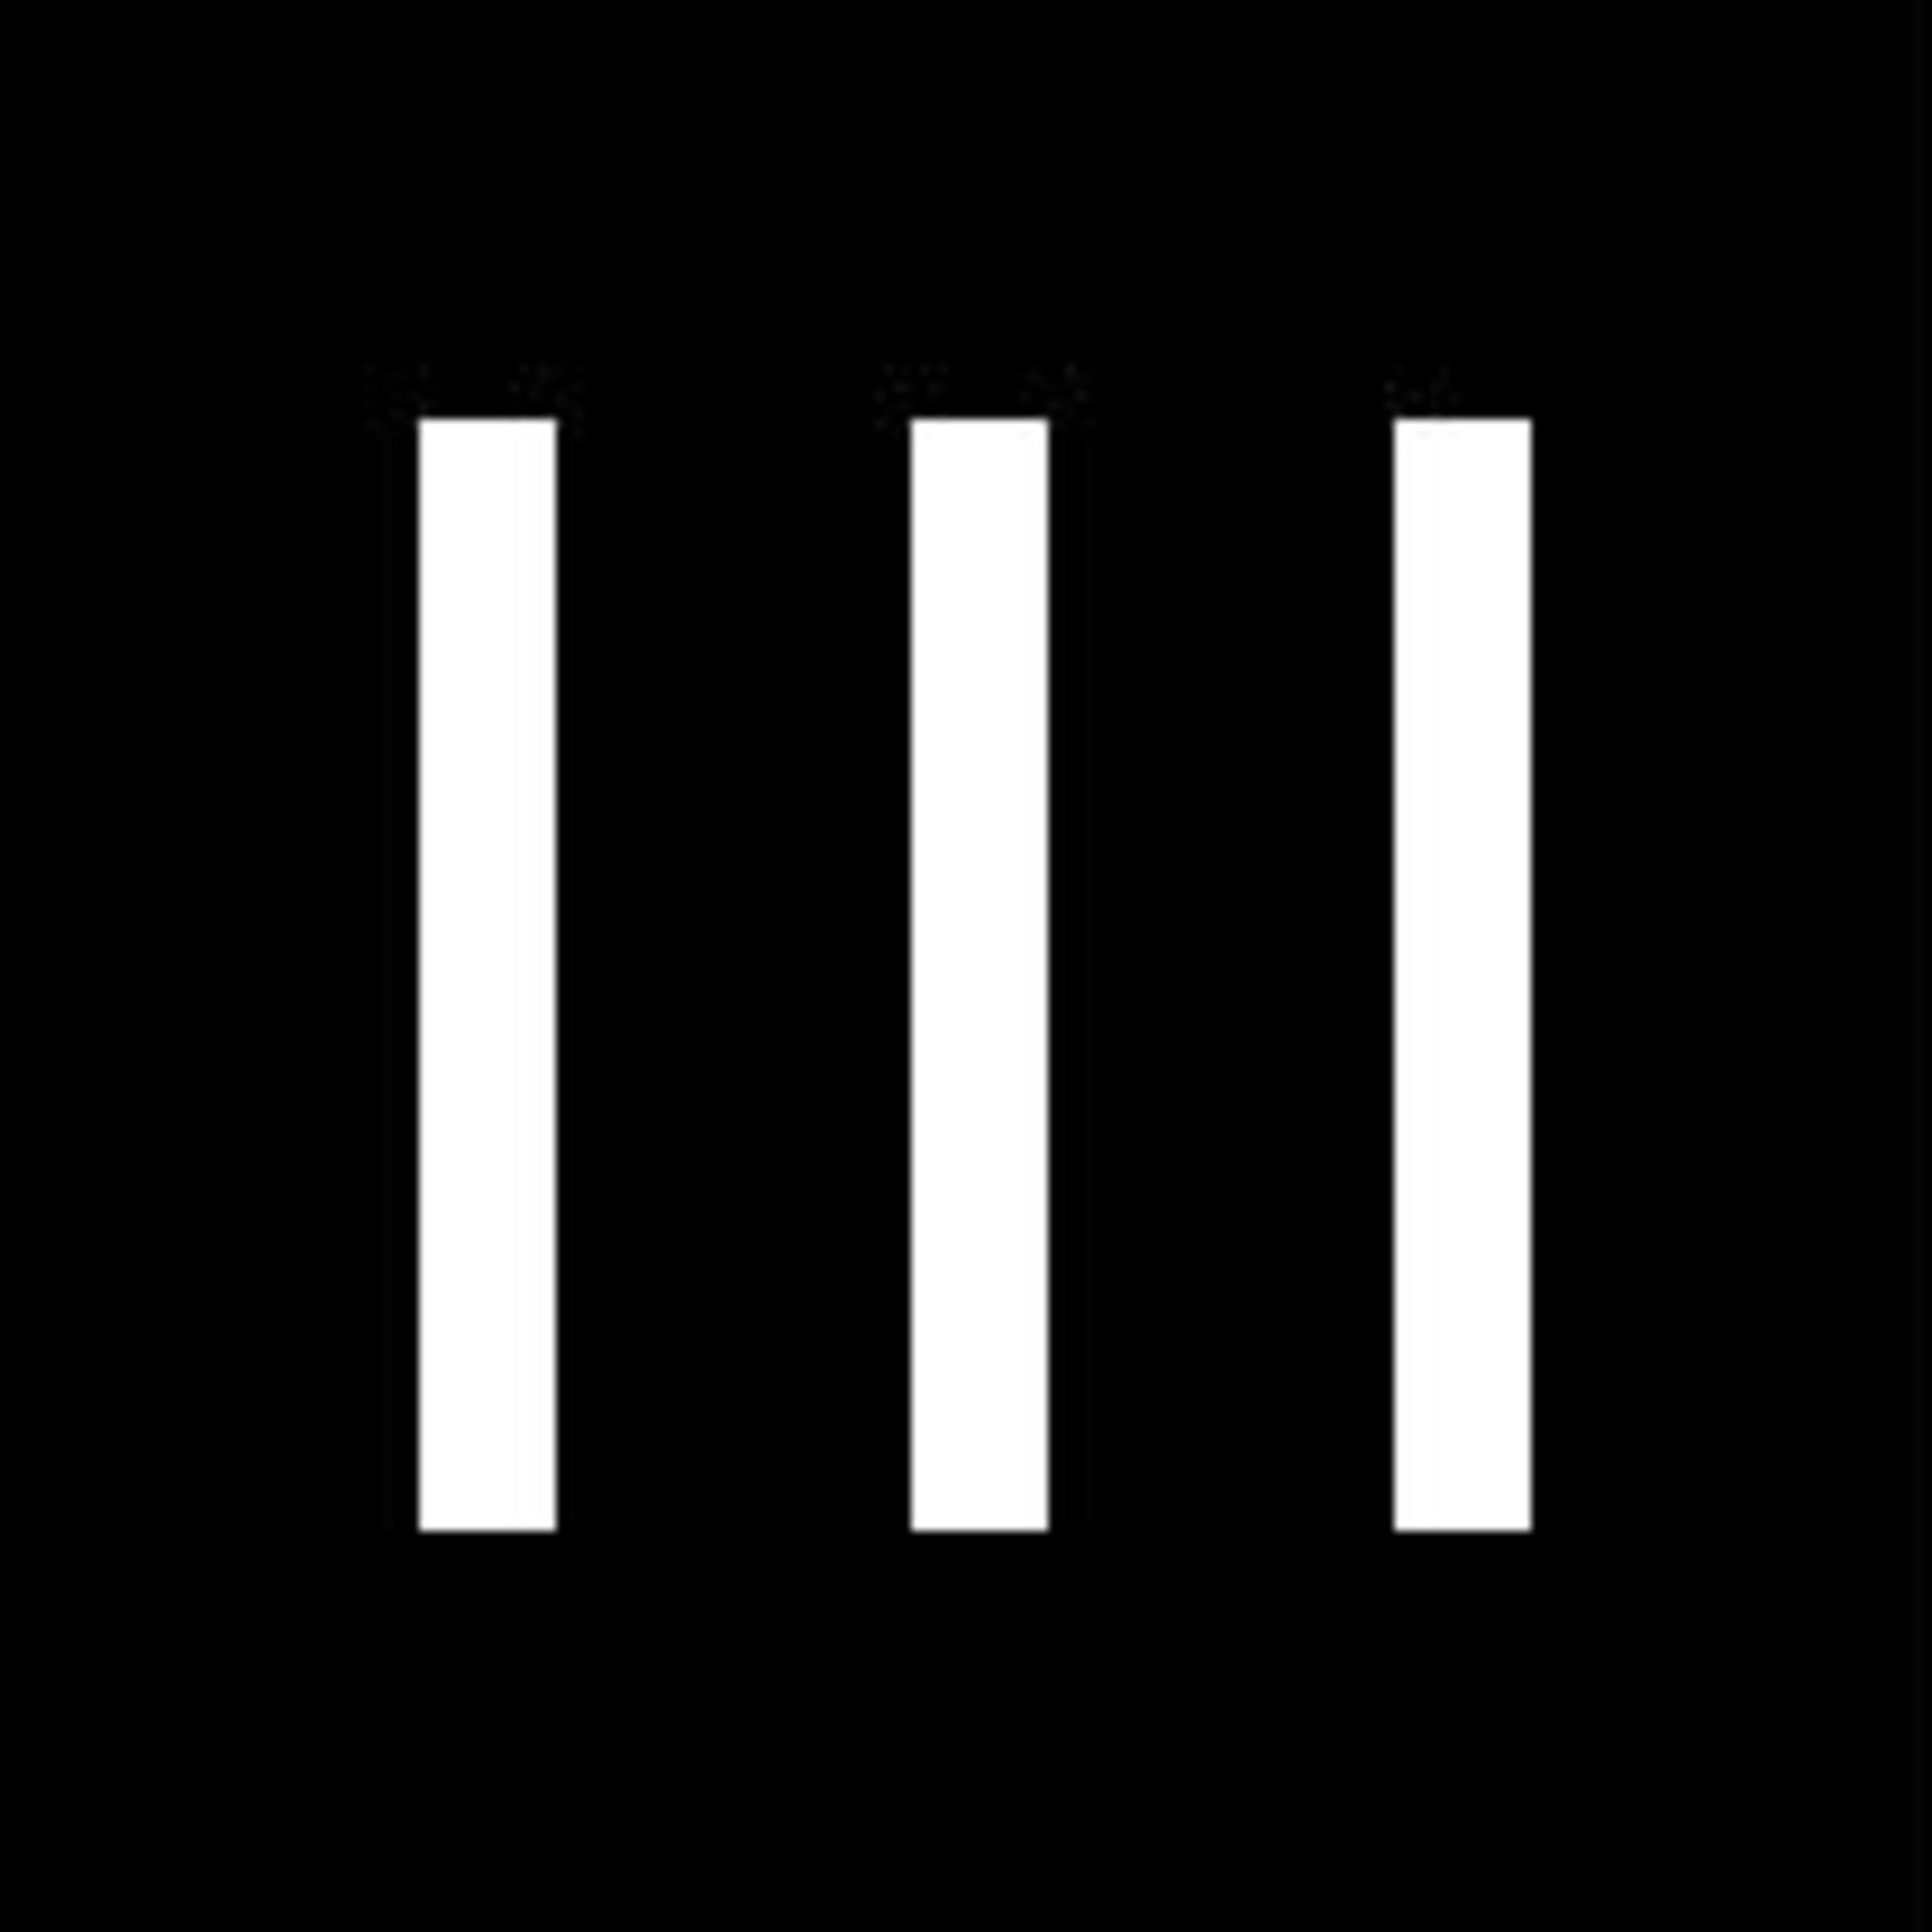 edouard malingue gallery- company logo